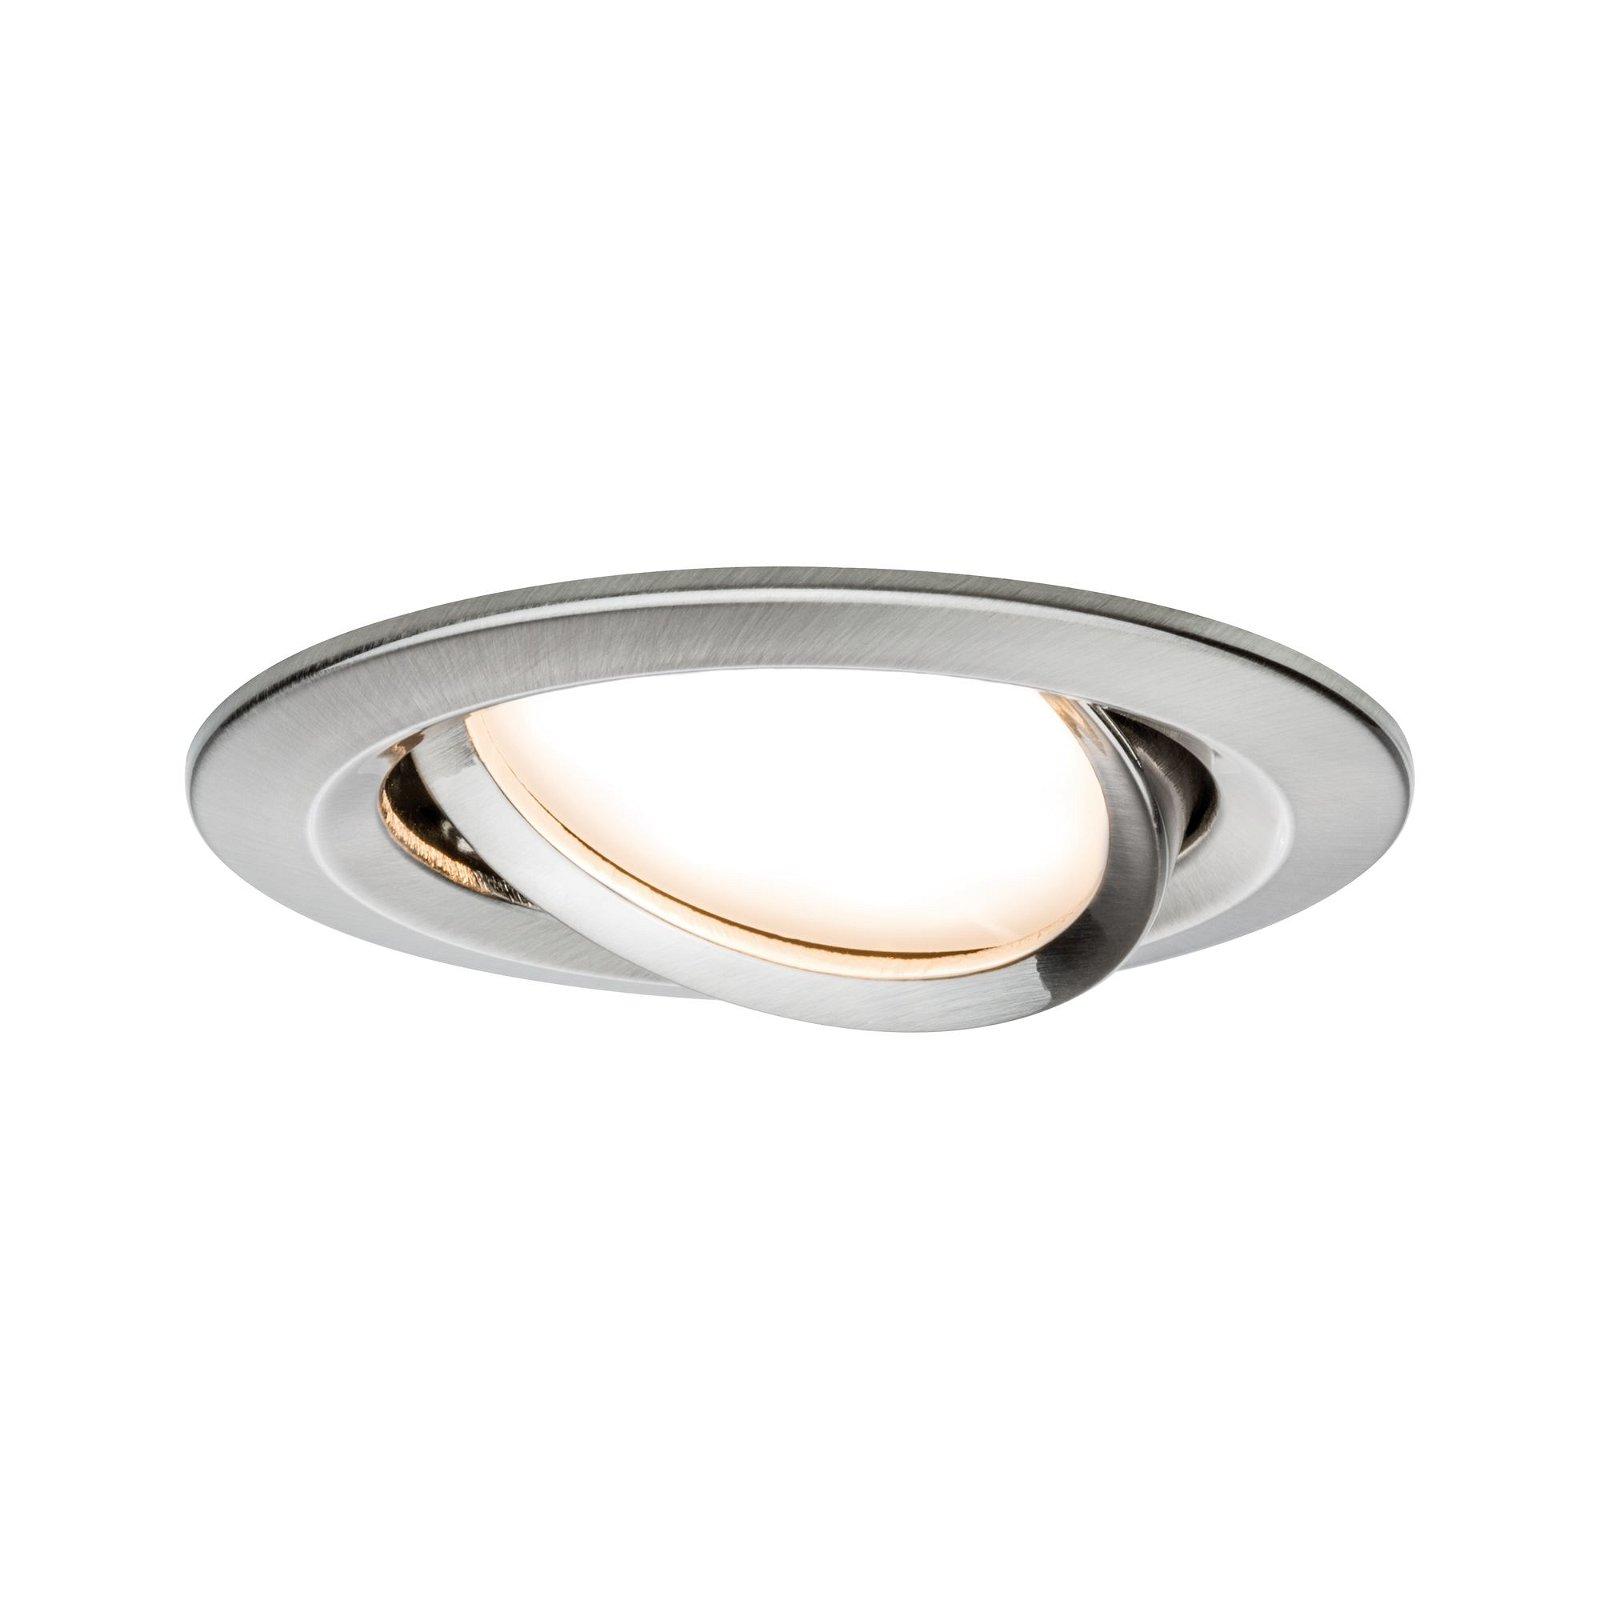 LED-inbouwlamp Nova Plus zwenkbaar rond 84mm 50° Coin 6W 460lm 230V 2700K Staal geborsteld